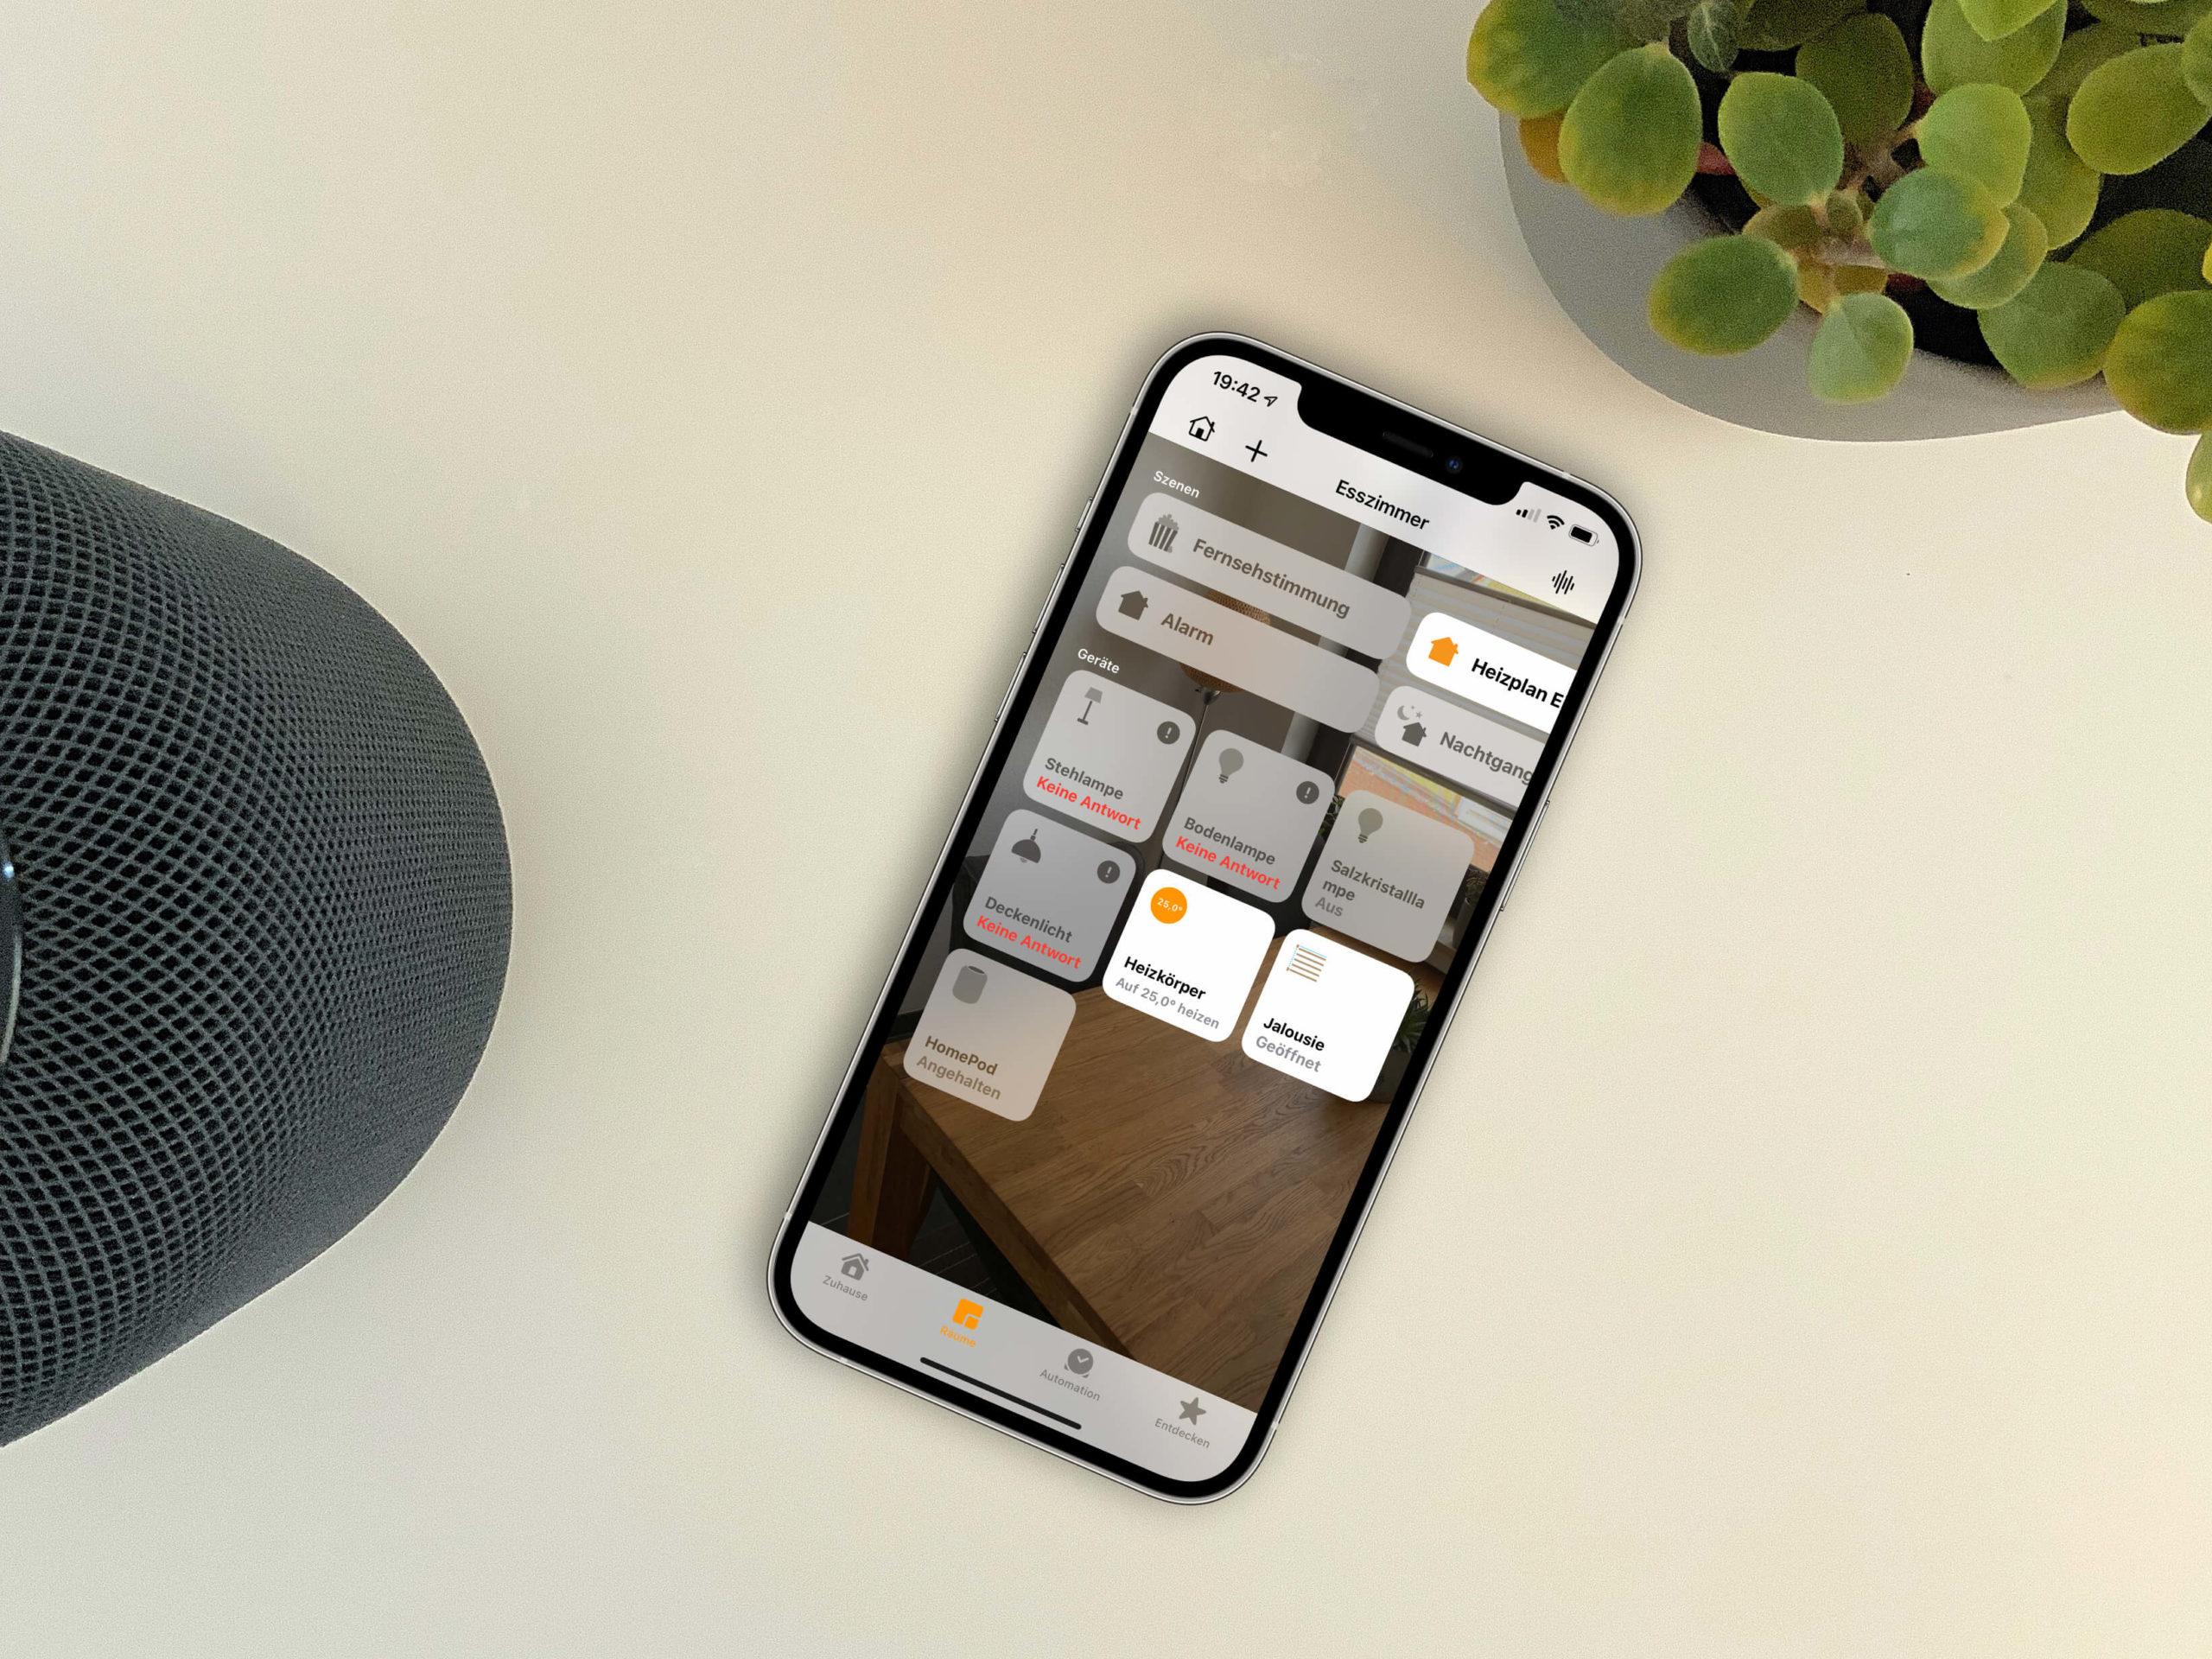 Problemloesung-Philips-Hue-Lichter-in-Apple-HomeKit-nicht-erreichbar1-scaled Problemlösung: Philips Hue Lichter in Apple HomeKit nicht erreichbar